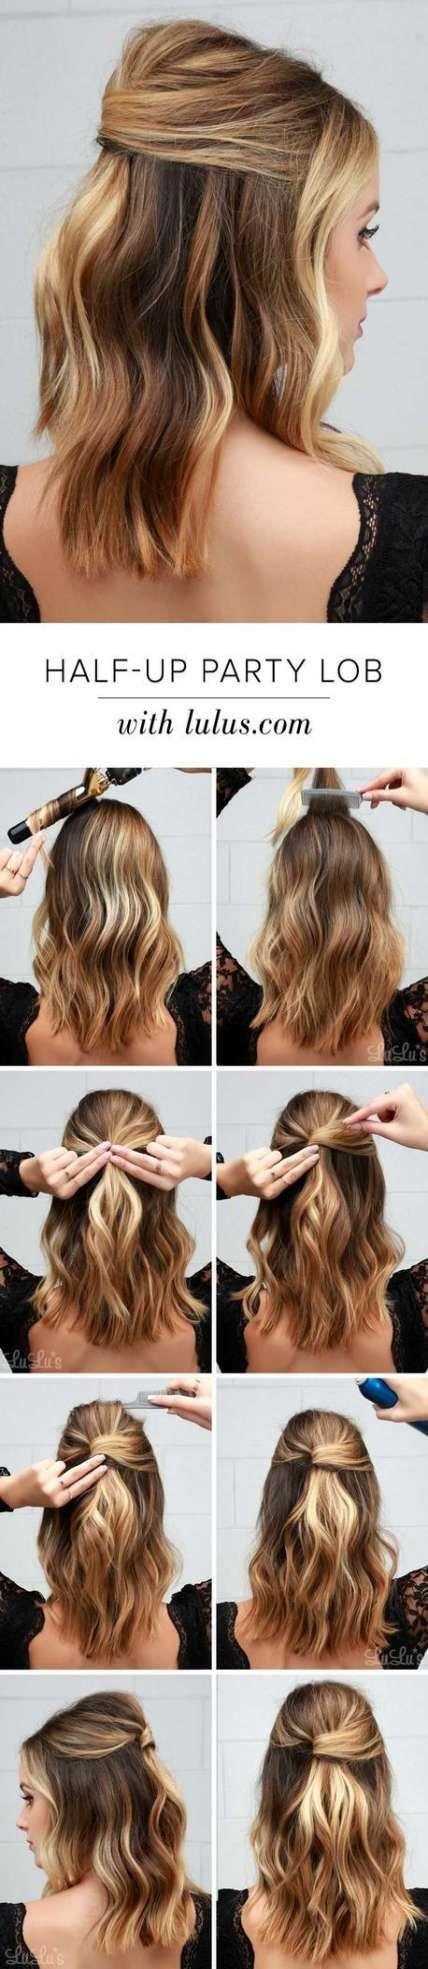 Wedding Hairstyles Messy Boho Hairdos 23+ Ideas